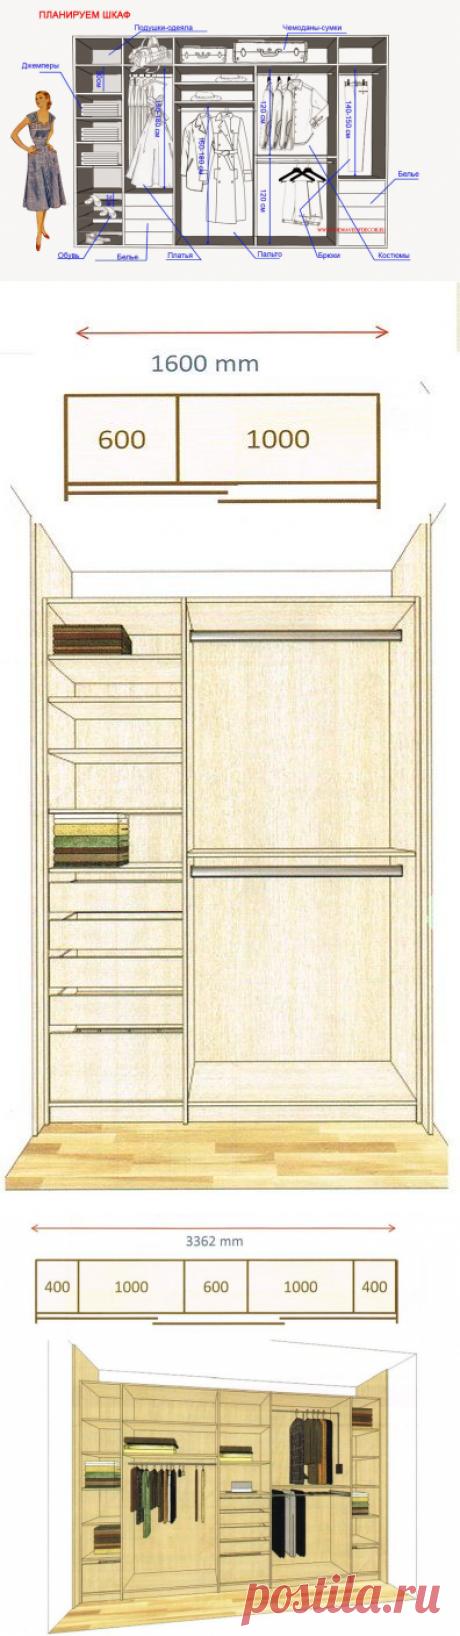 Больной вопрос... Как спланировать шкаф своей мечты?.